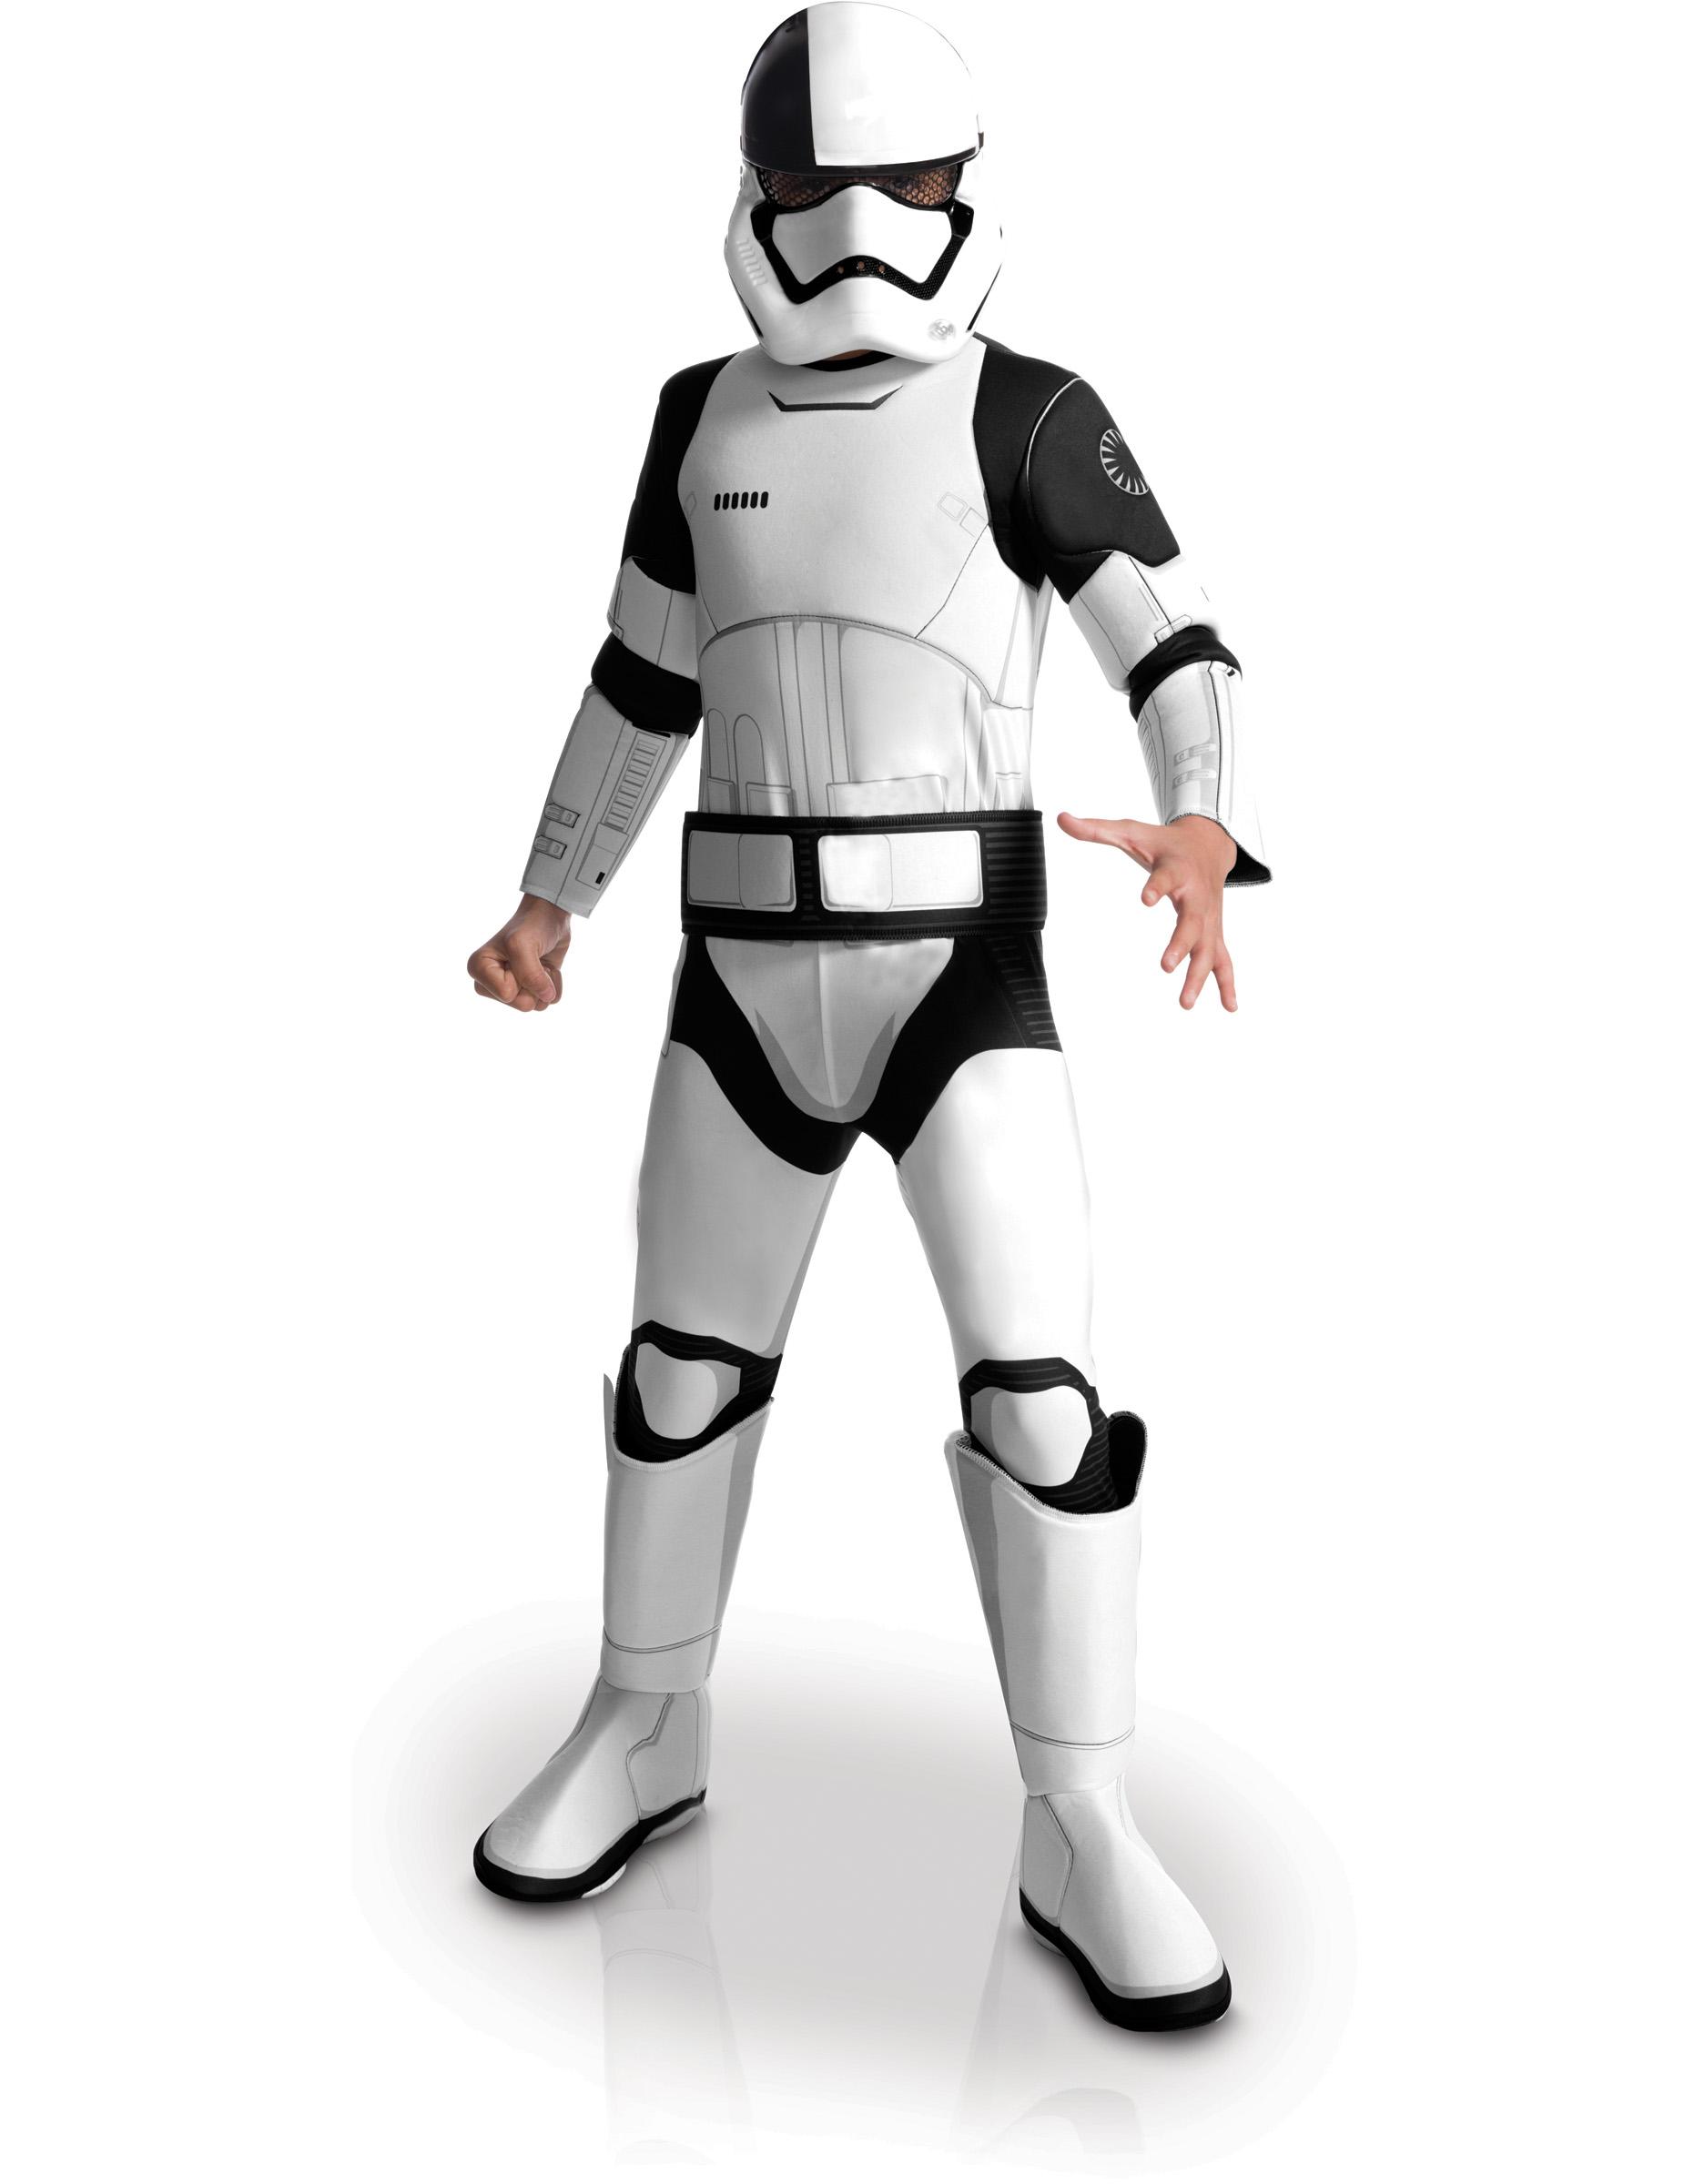 Kinderkostüm Star Wars : executioner stormtrooper deluxe kinderkost m star wars viii lizenzartikel weiss schwarz ~ Frokenaadalensverden.com Haus und Dekorationen